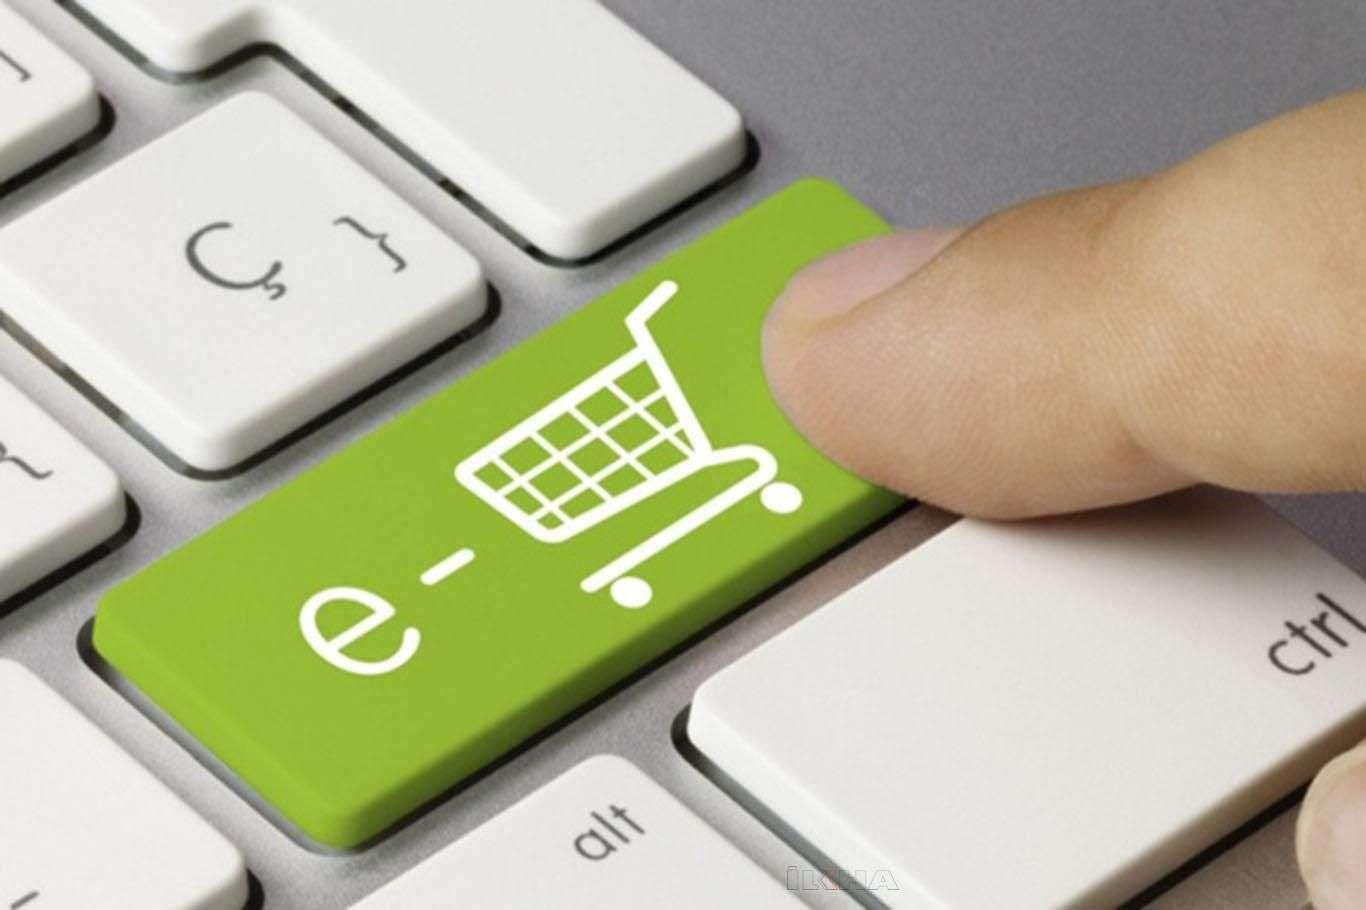 İnternet alışverişinde mağdur olmamak isteyenlere uyarılar